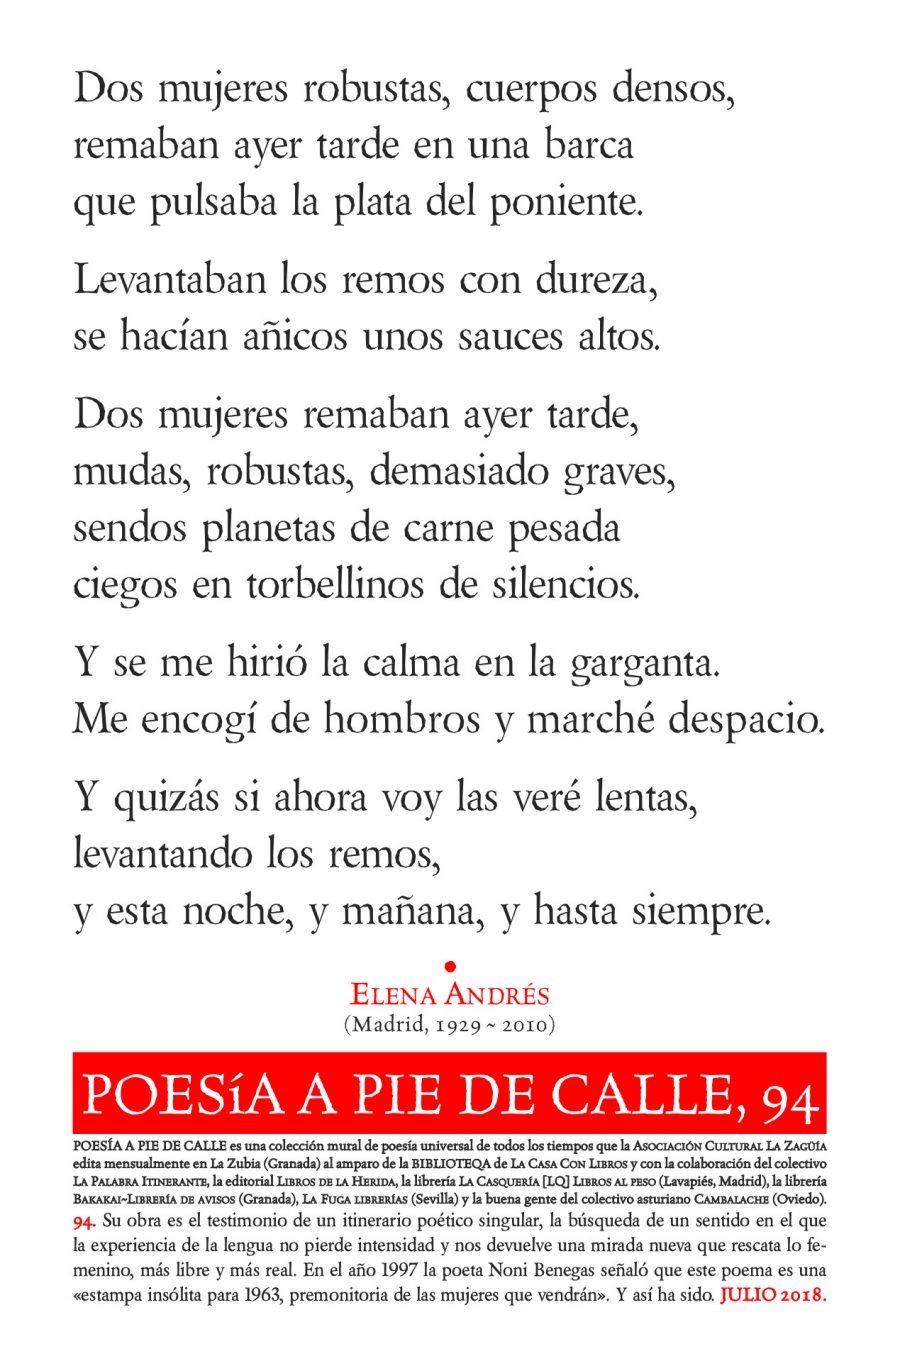 POESÍA A PIE DE CALLE, 94: «DOS MUJERES ROBUSTAS, CUERPOS DENSOS…», DE ELENA ANDRÉS